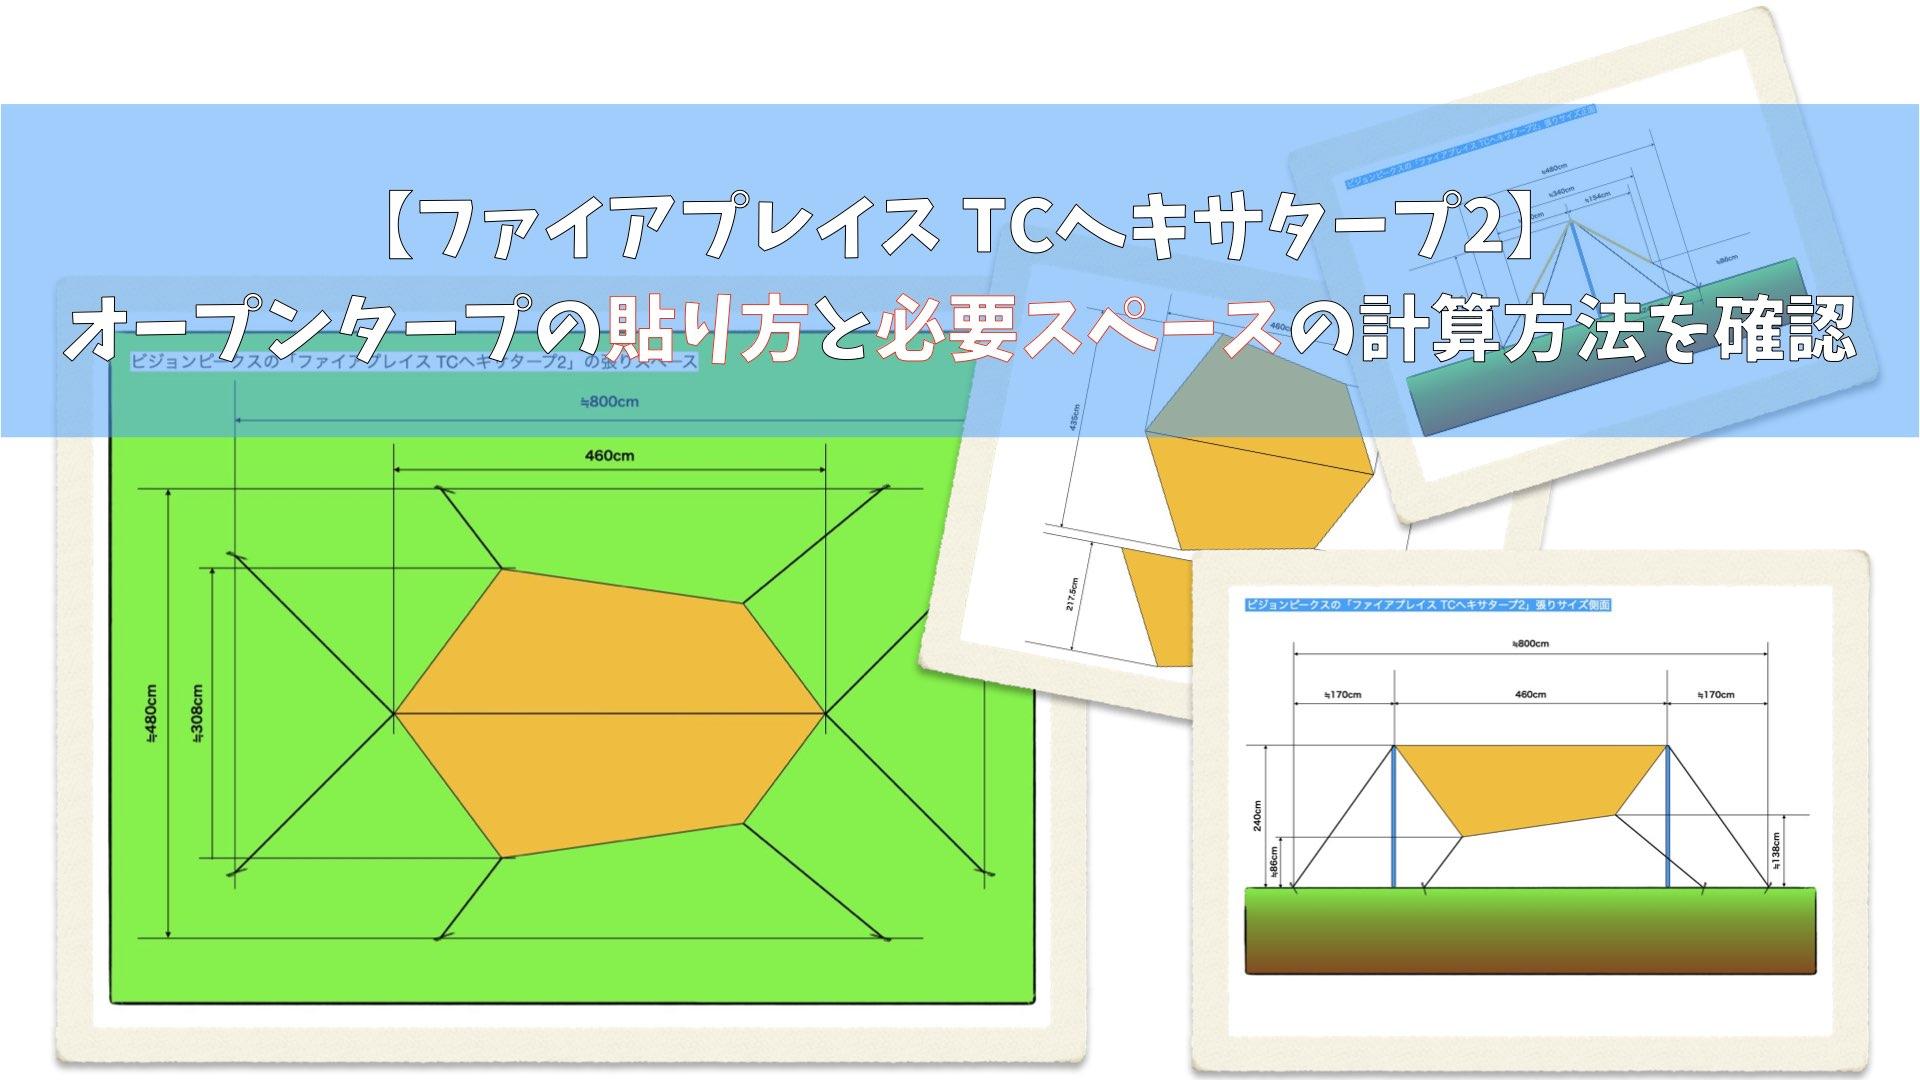 オープンタープの貼り方と必要スペースの計算方法を確認【ビジョンピークス ファイアプレイス TCヘキサタープ2】